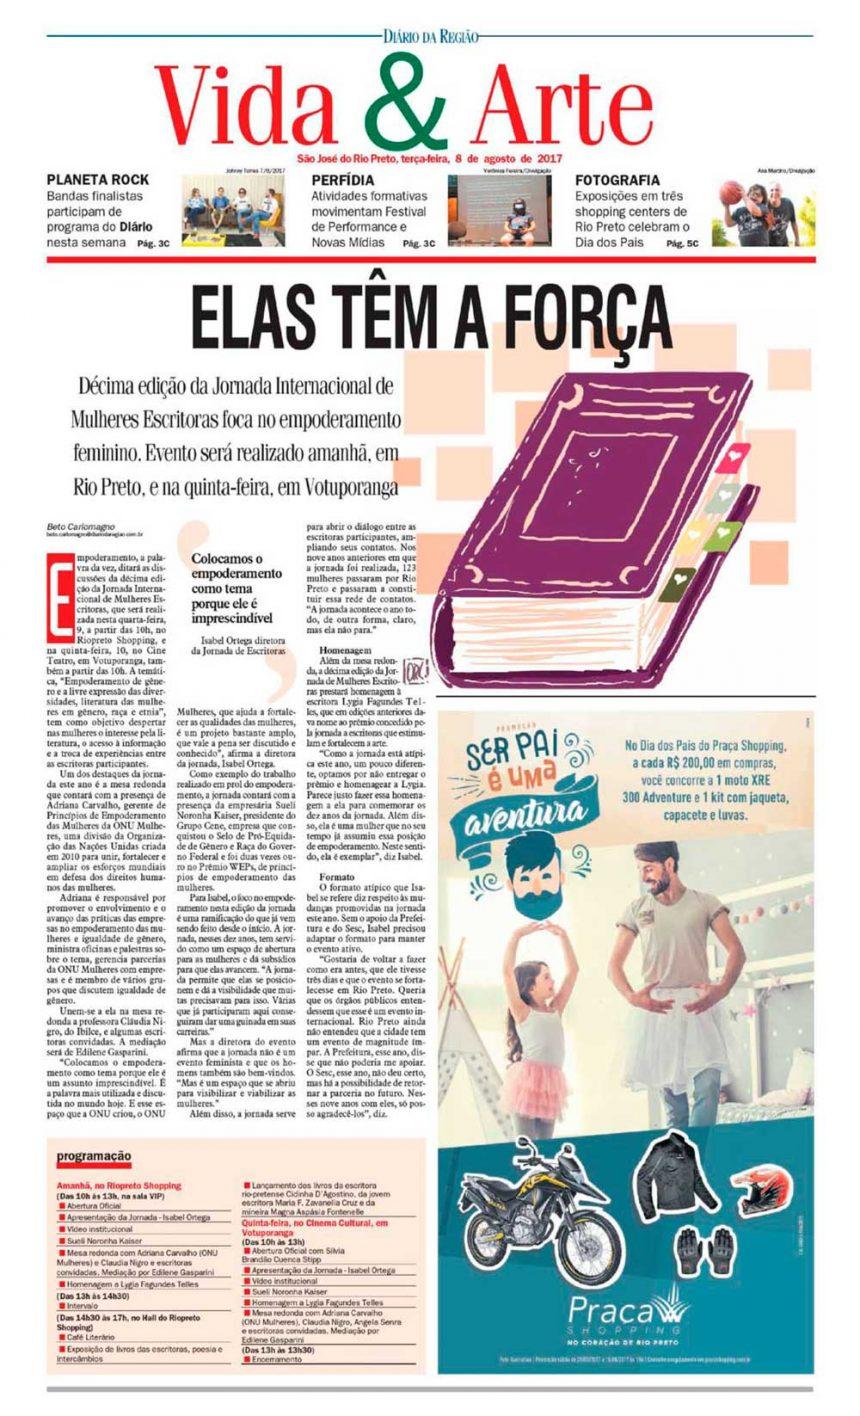 Participação de Sueli Kaiser em Jornada e mentoria é destaque na imprensa